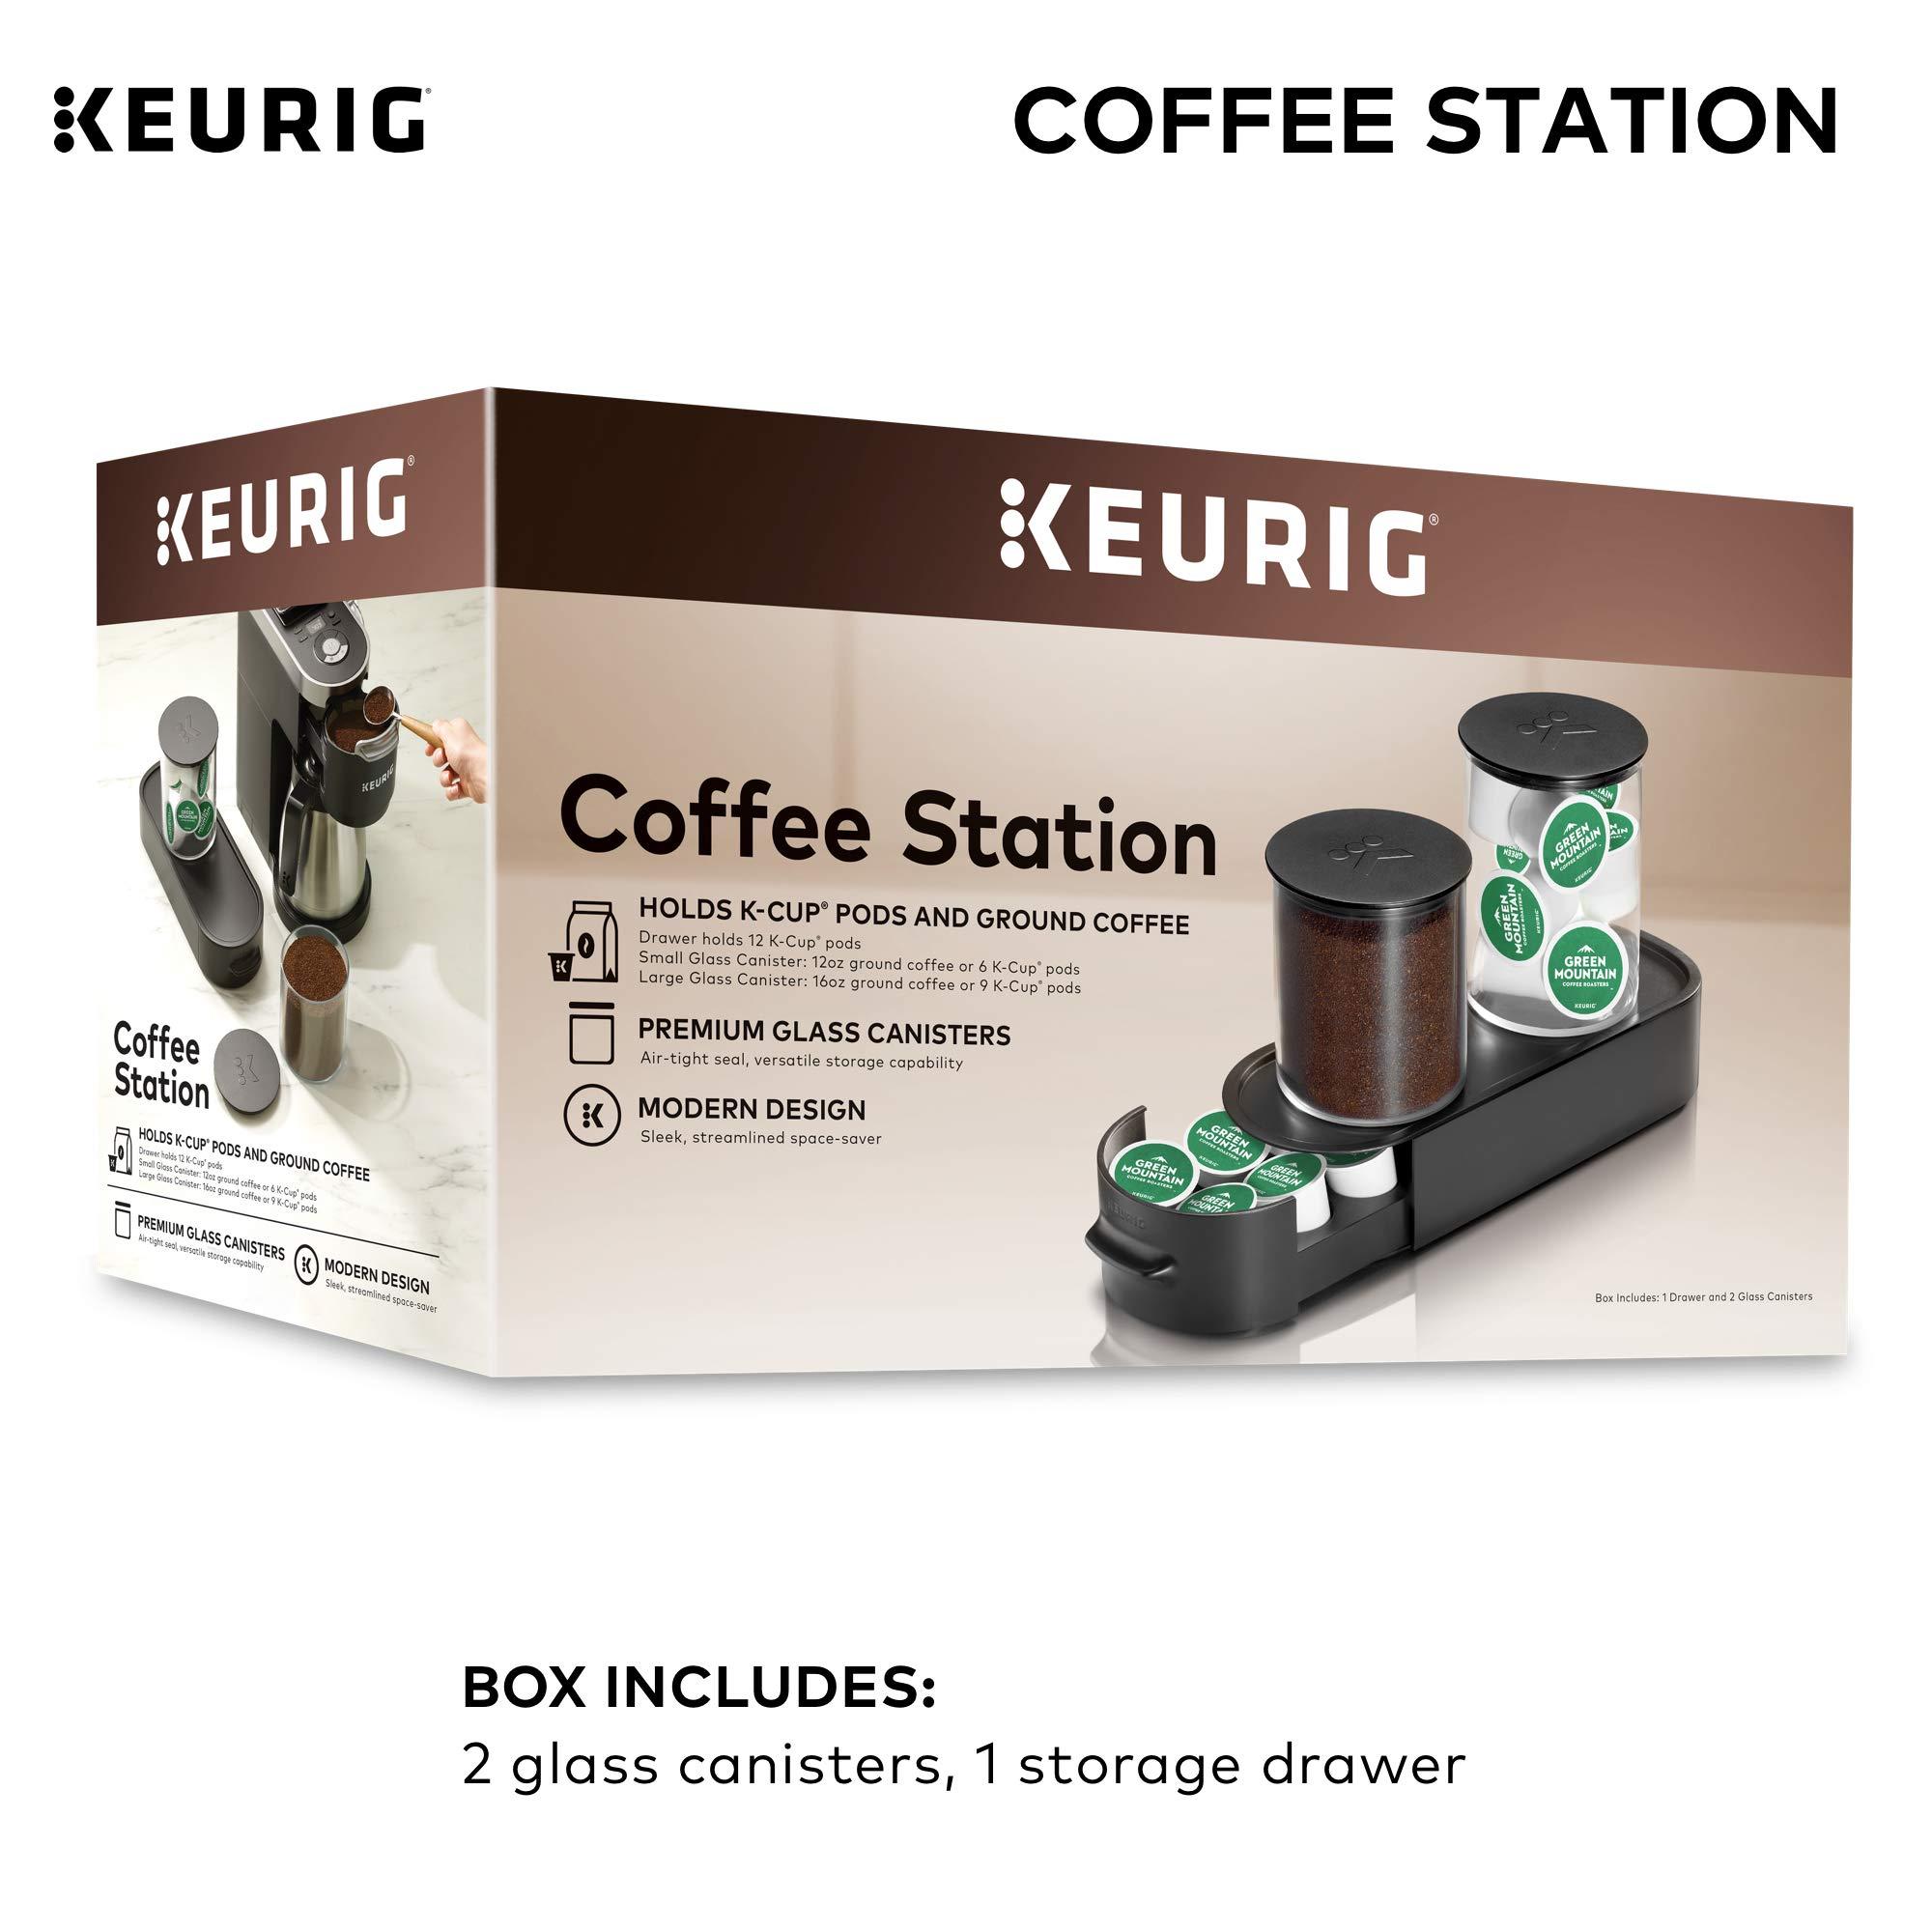 Keurig K-Cup Pod & Ground Coffee Storage Unit, Coffee Storage, Holds up to 12 ounces of Ground Coffee & 12 K-Cup Pods, Black by Keurig